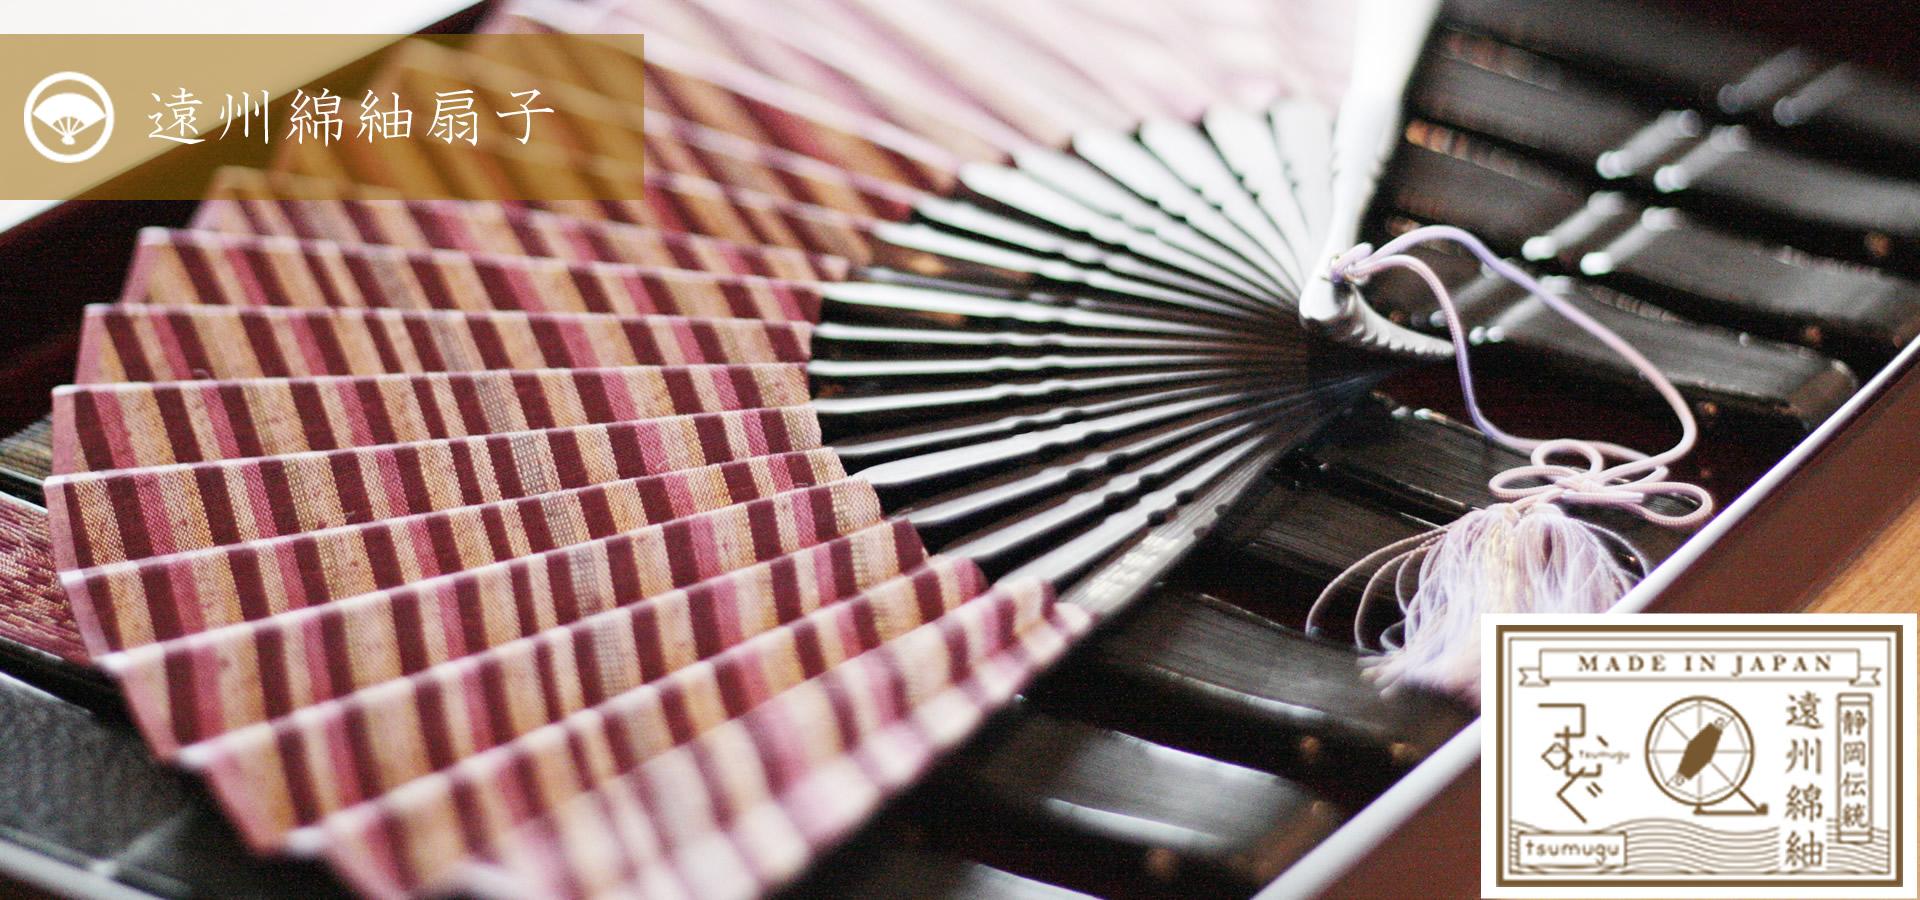 遠州綿紬扇子は、織物の町、ものづくりの町、浜松の特産品であり、浜松やらまいかブランドの一つです。